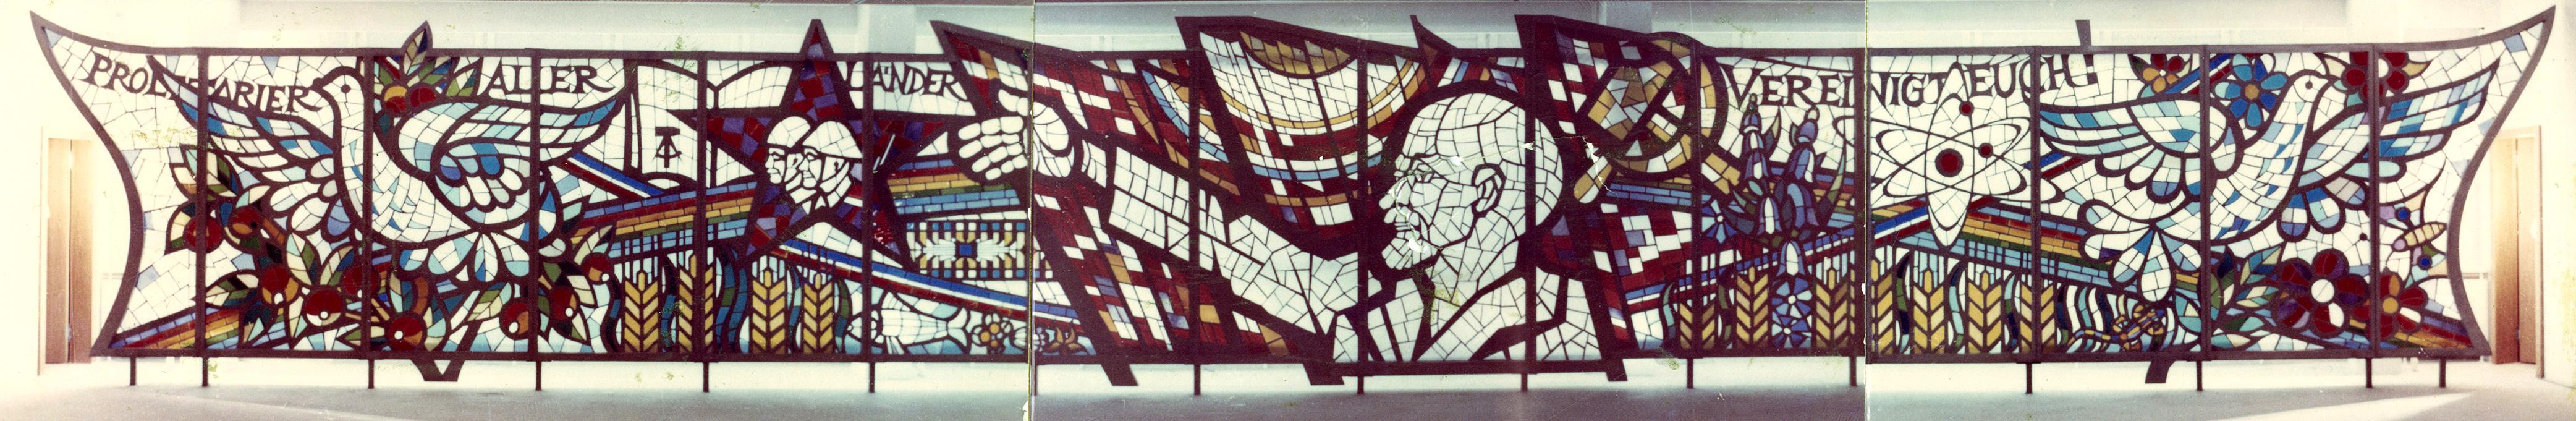 DDR-Kunst: So viel Symbolik: links und rechts Friedenstauben, in der Mitte Lenin, dazwischen Französische Revolution